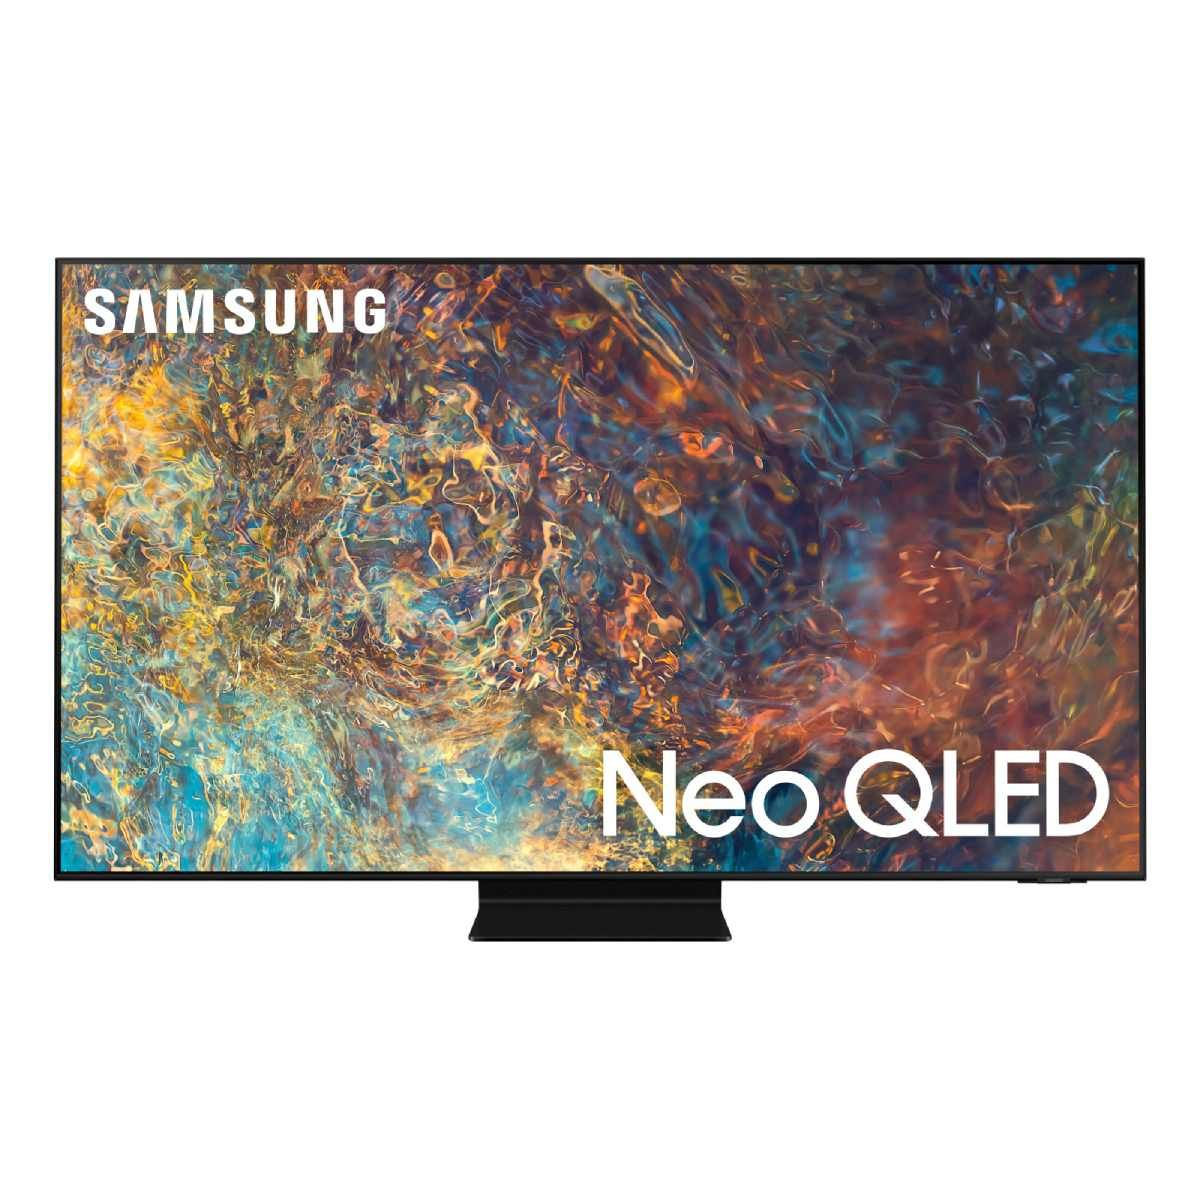 ಸ್ಯಾಮ್ಸಂಗ್ 65 ಇಂಚು Neo QLED 4K Smart TV (QN65QN90AAFXZA) (2021)